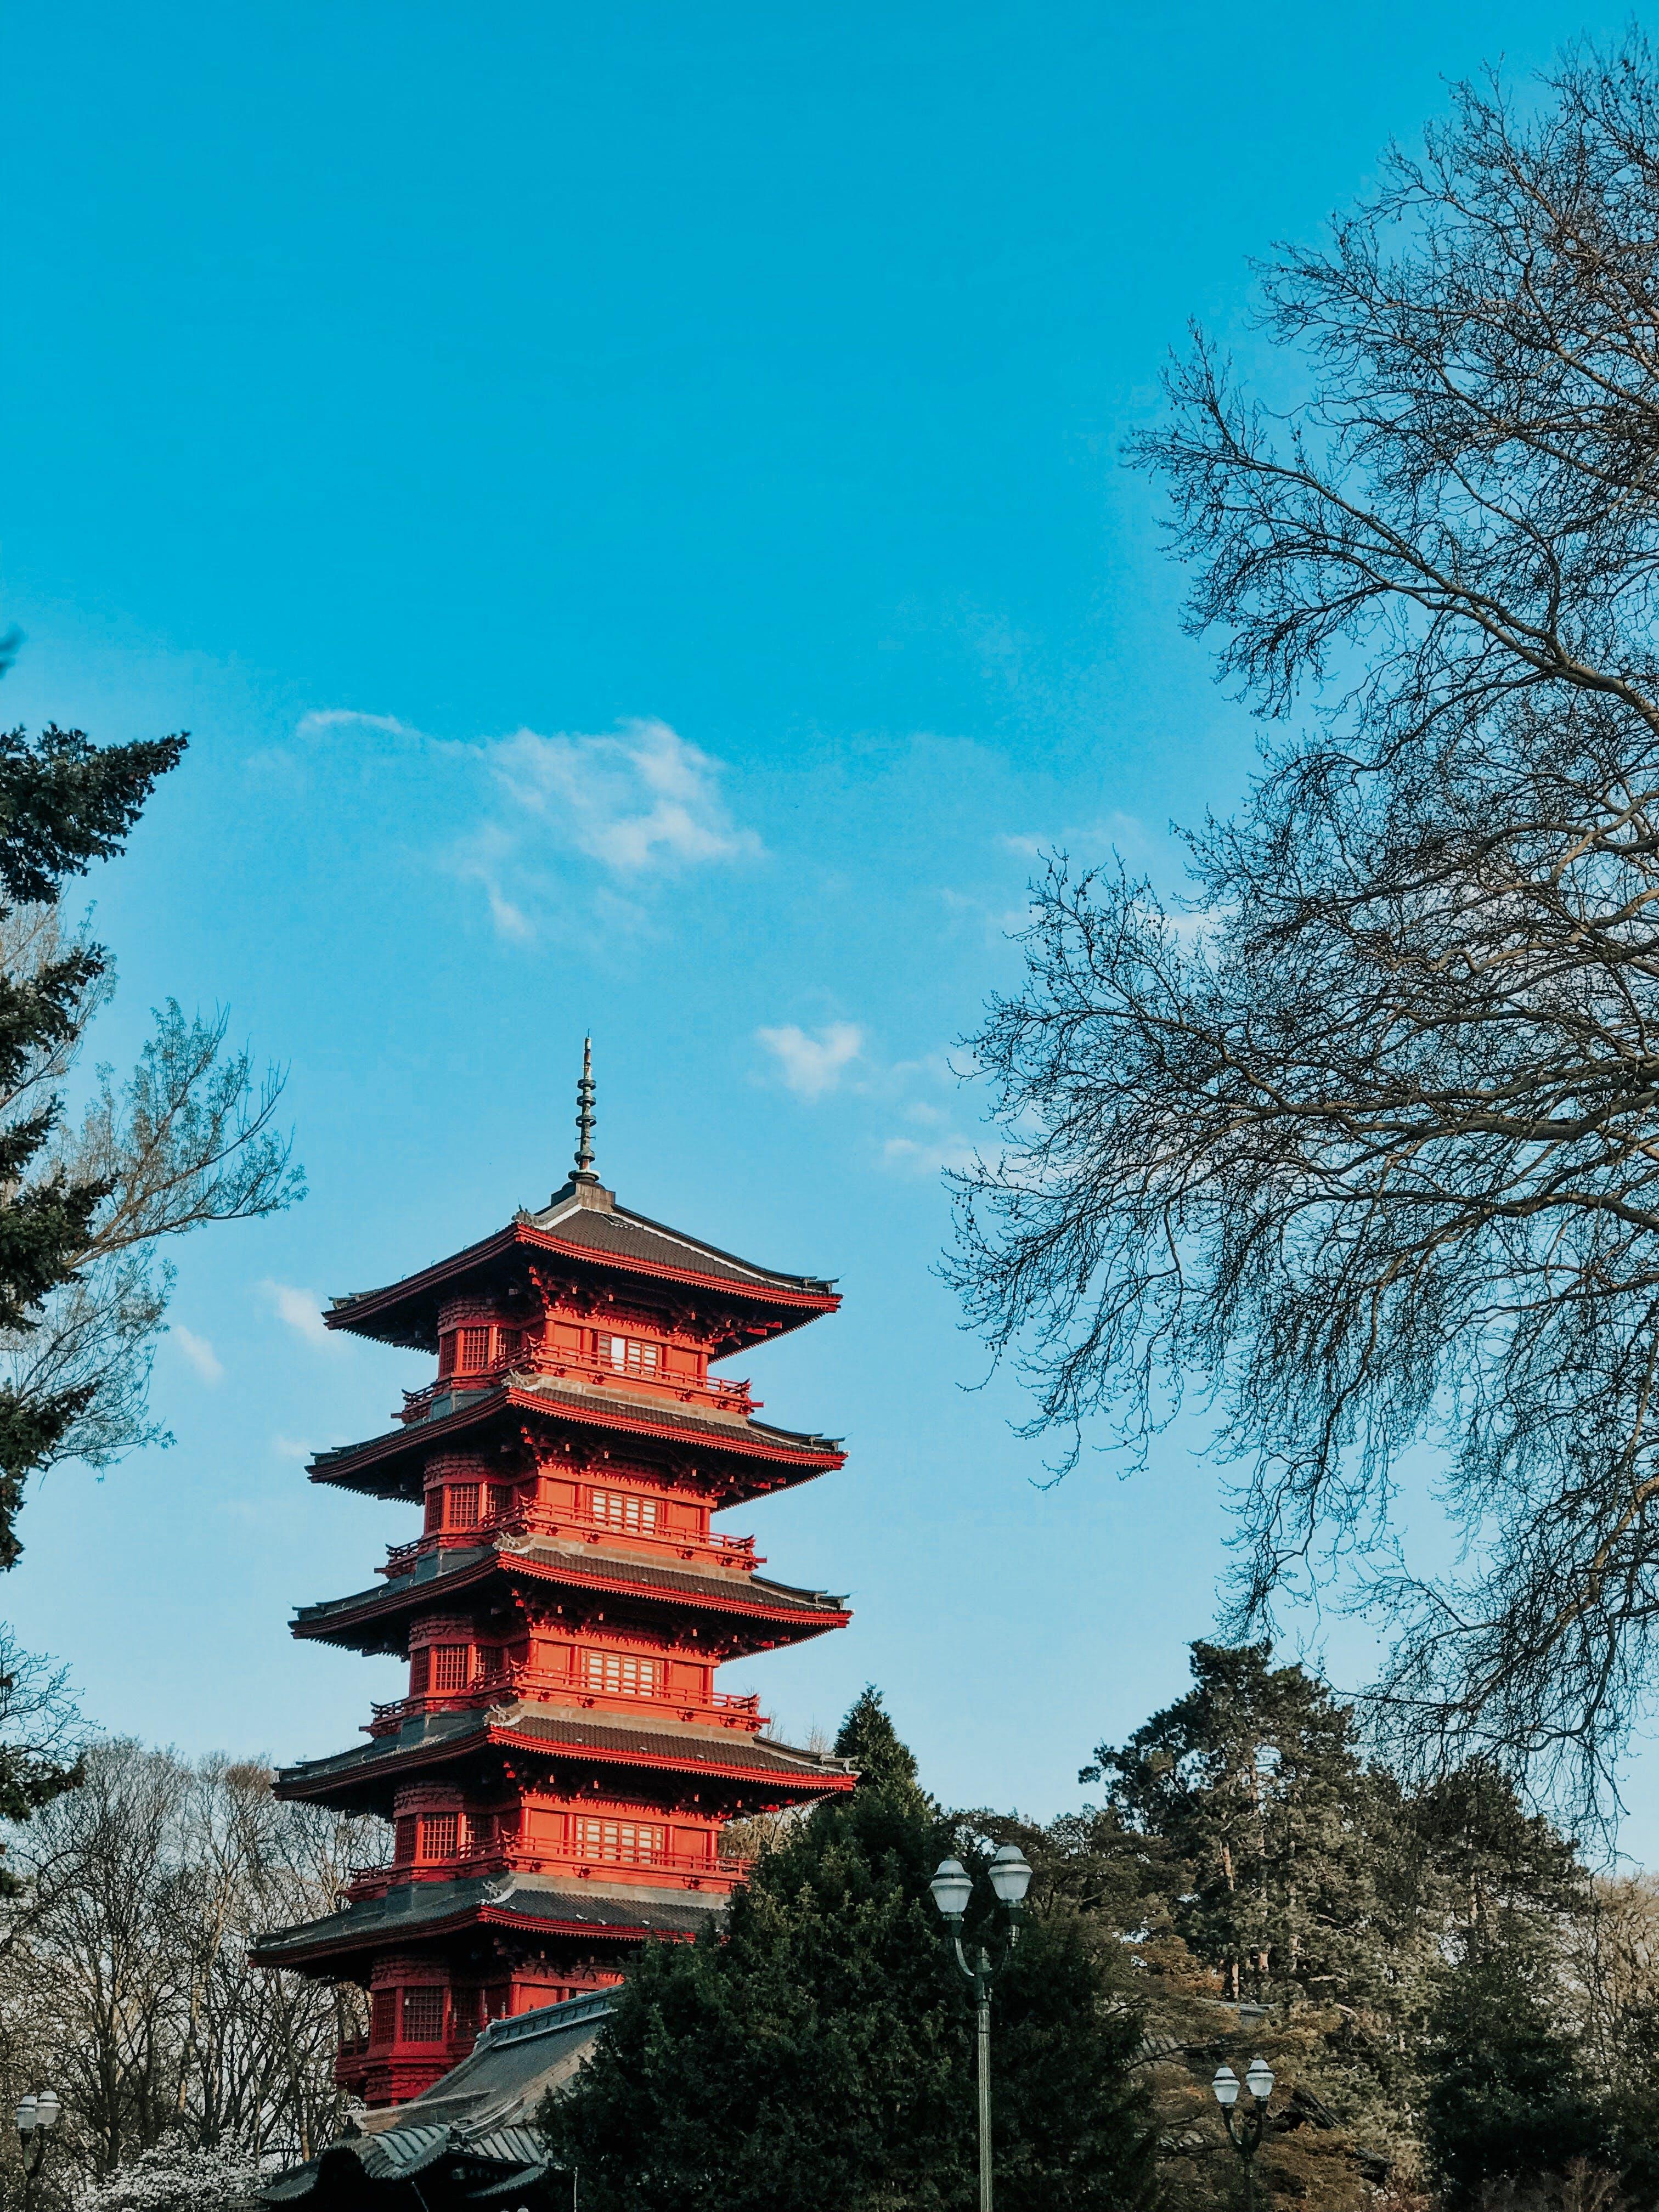 Gratis lagerfoto af arkitektur, Asiatisk arkitektur, bygning, dagslys